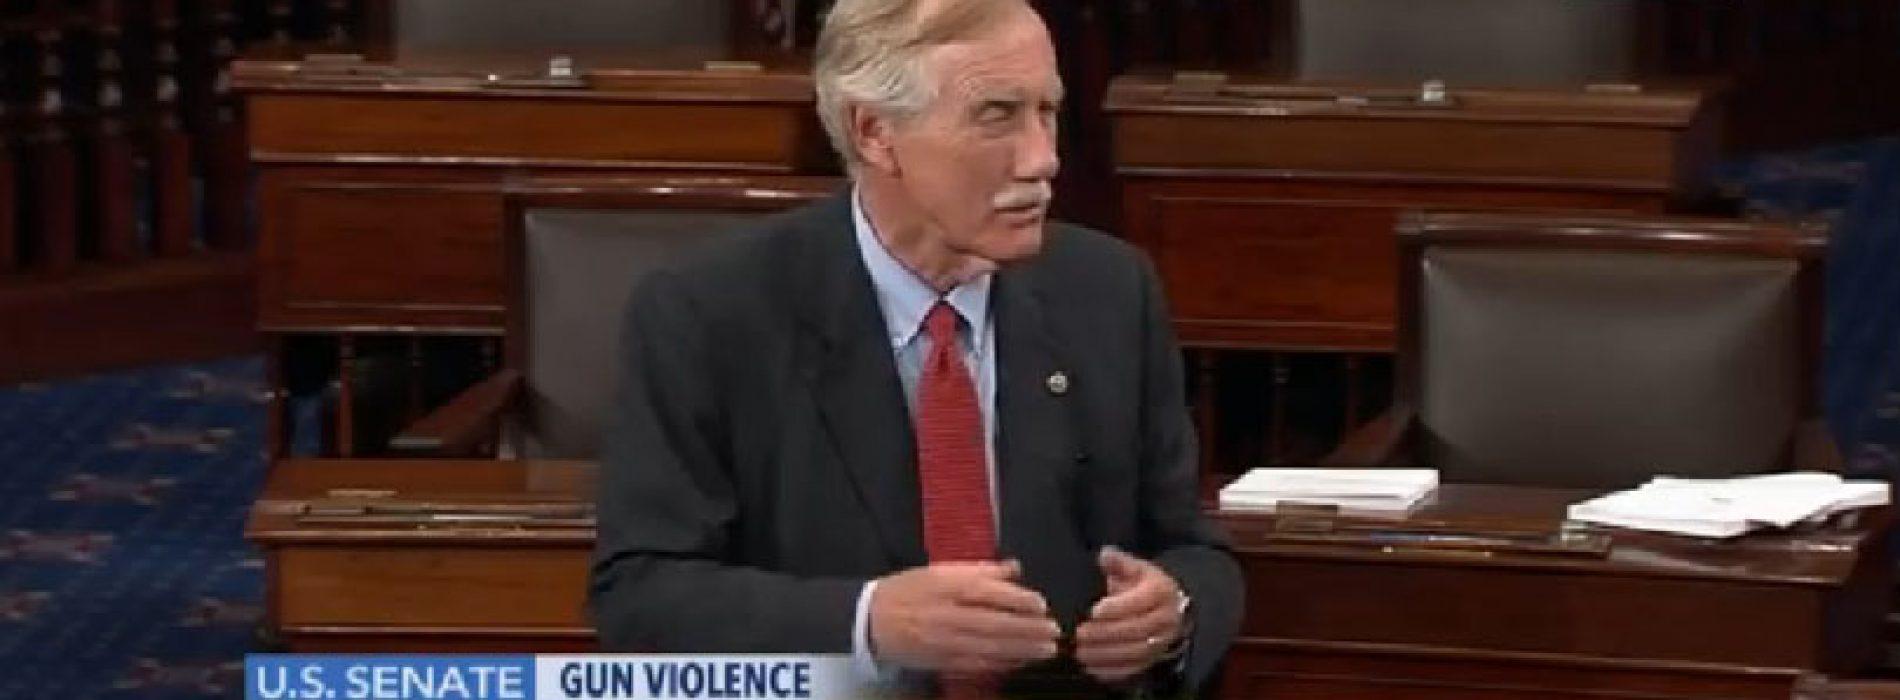 Sen. King joins gun safety filibuster